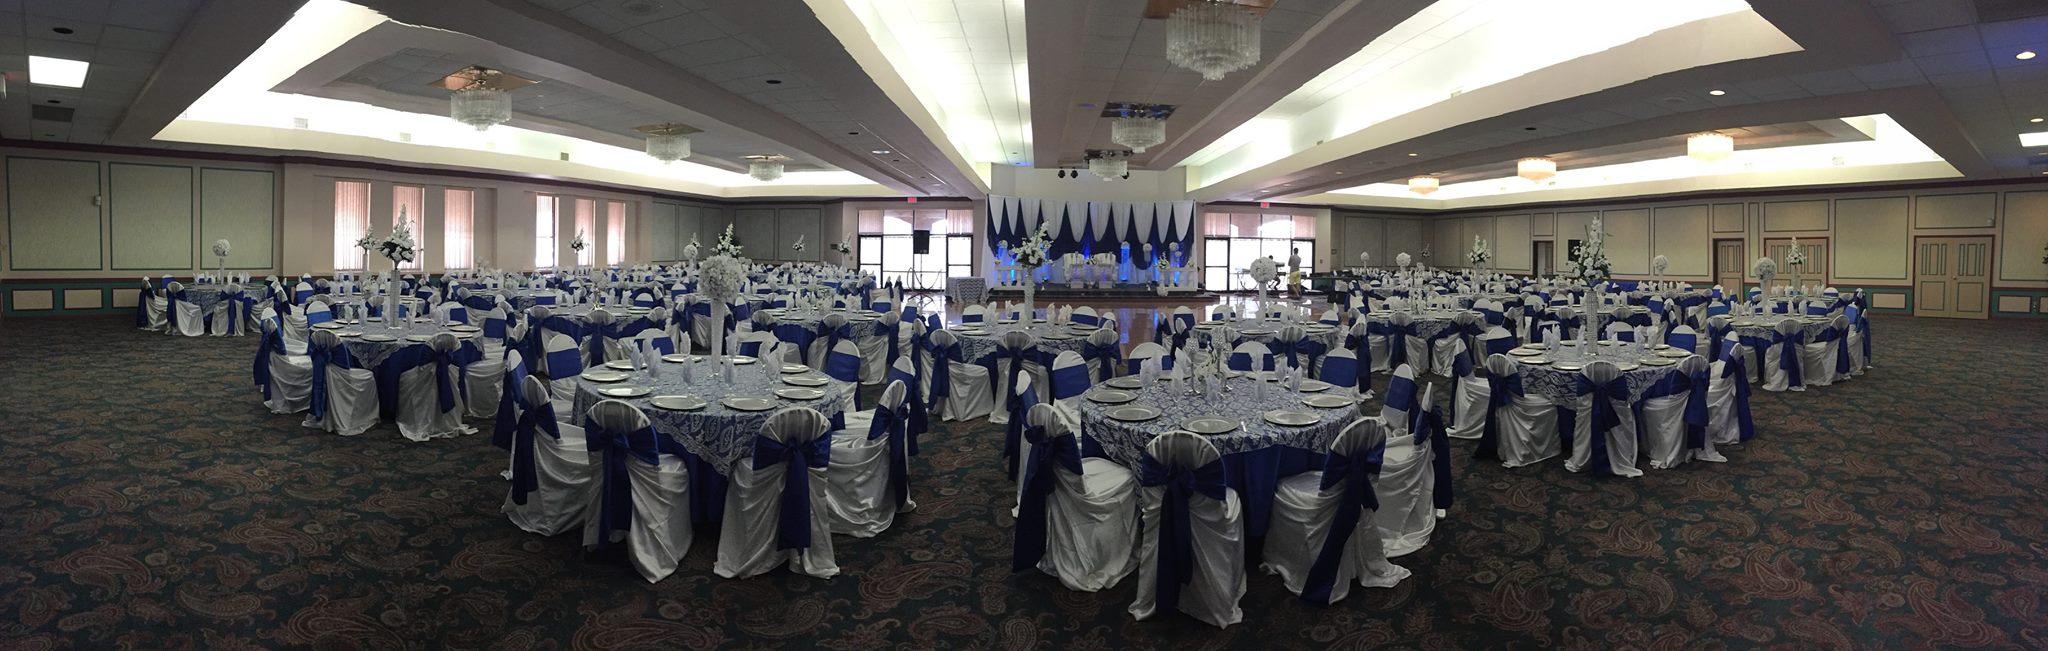 Decoraciones y manteler a para eventos decoraciones para for Decoracion de pared para quinceanera